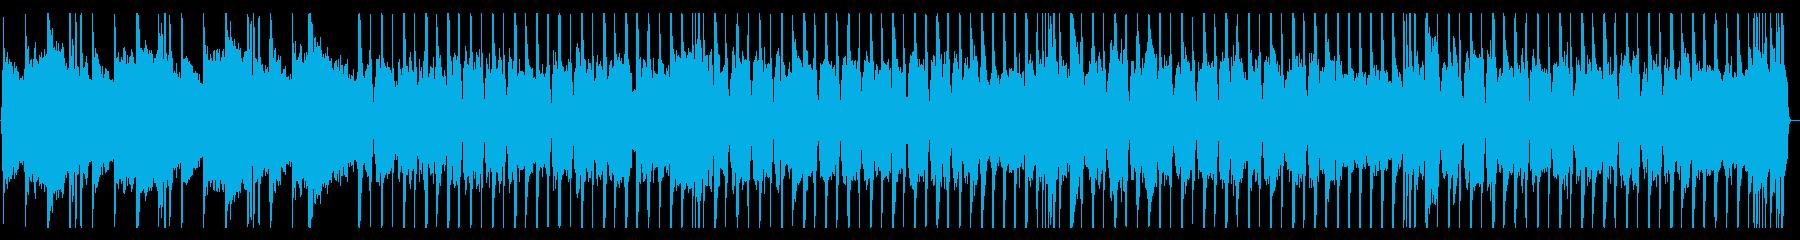 ロックギター、リフが繰り返されるBGM4の再生済みの波形